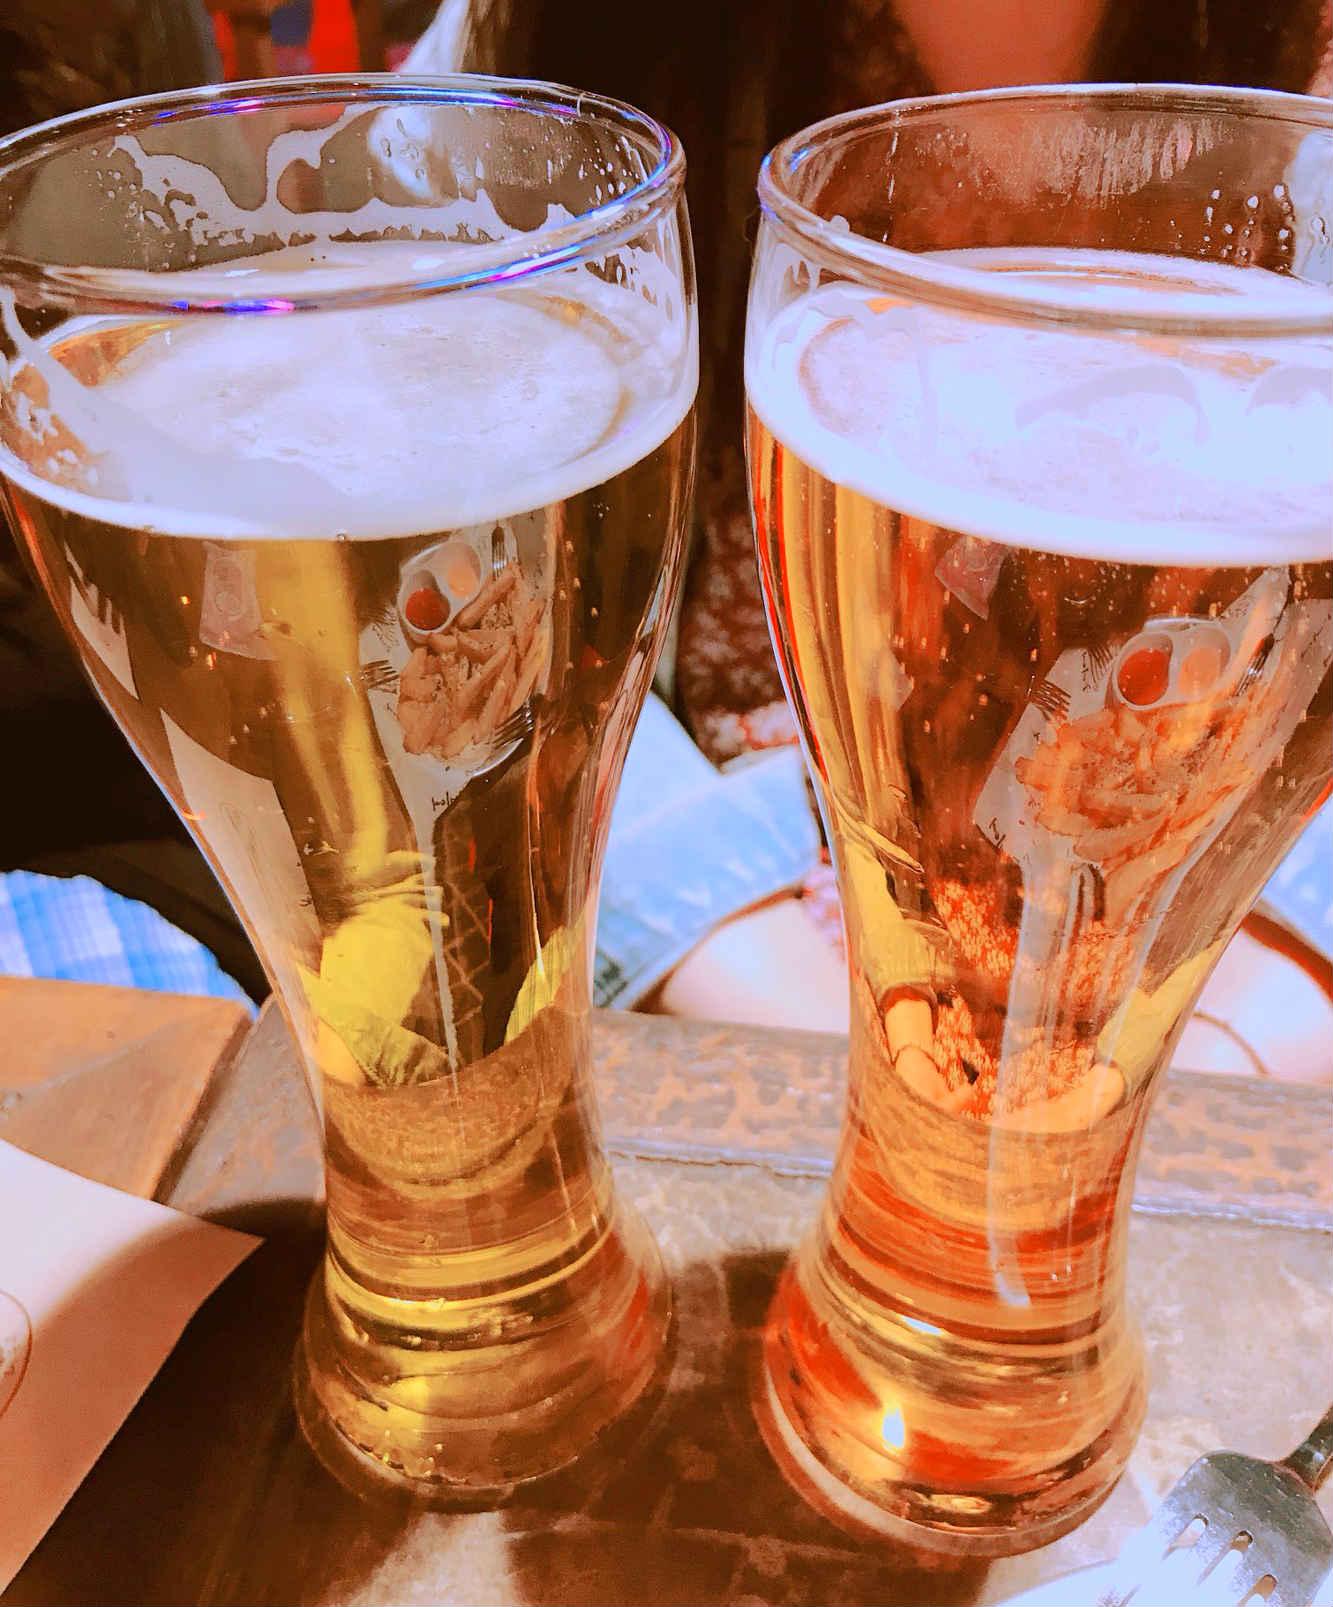 來到啤酒屋,啤酒當然不能少囉!各式水果調味的啤酒,讓不喜歡酒味太重的女生們也都能接受。